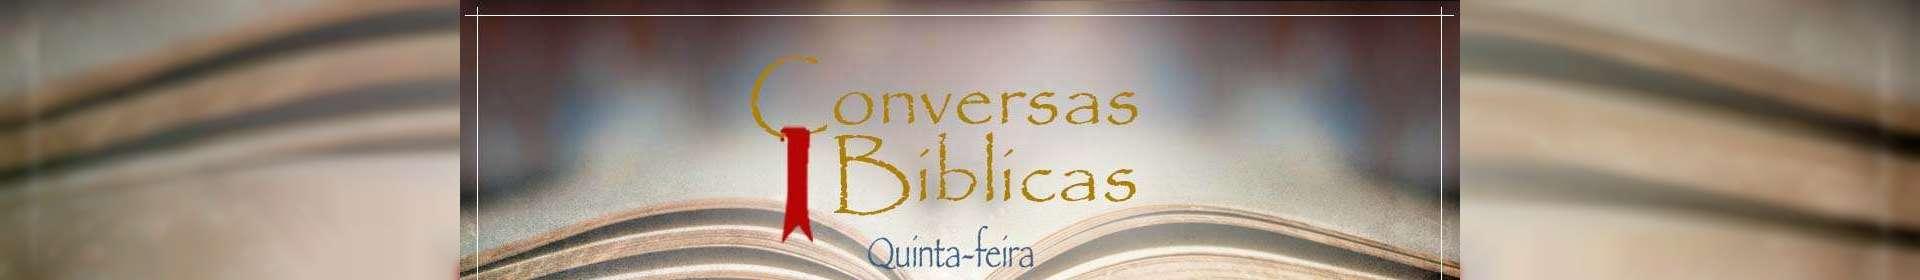 Conversas Bíblicas: Clamor pelo sangue de Jesus - Parte 3